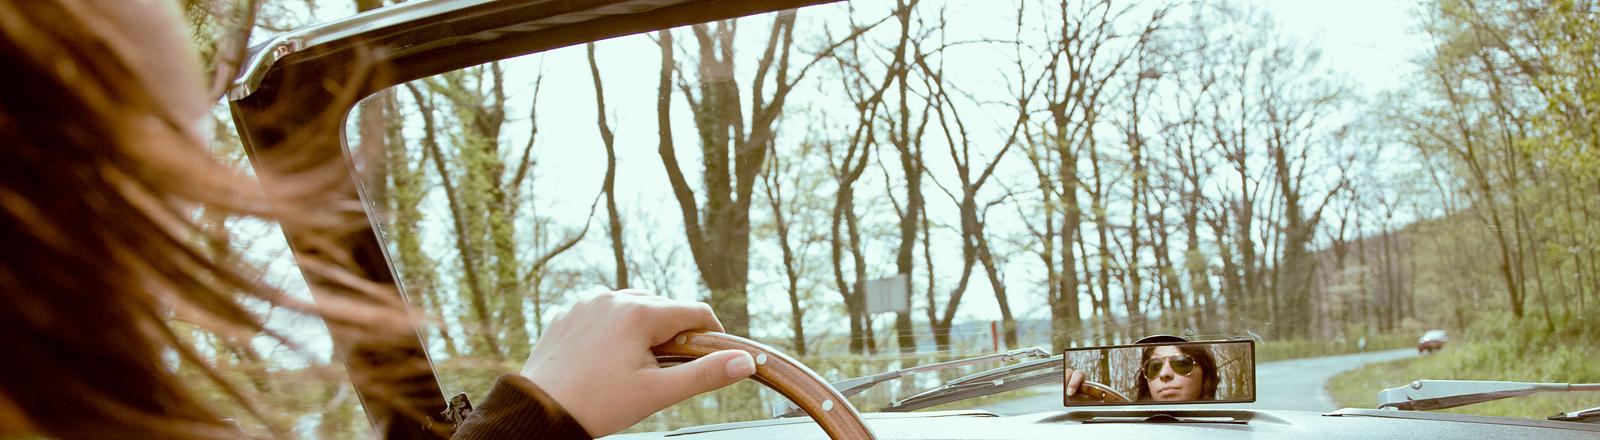 Eine Frau im Cabrio